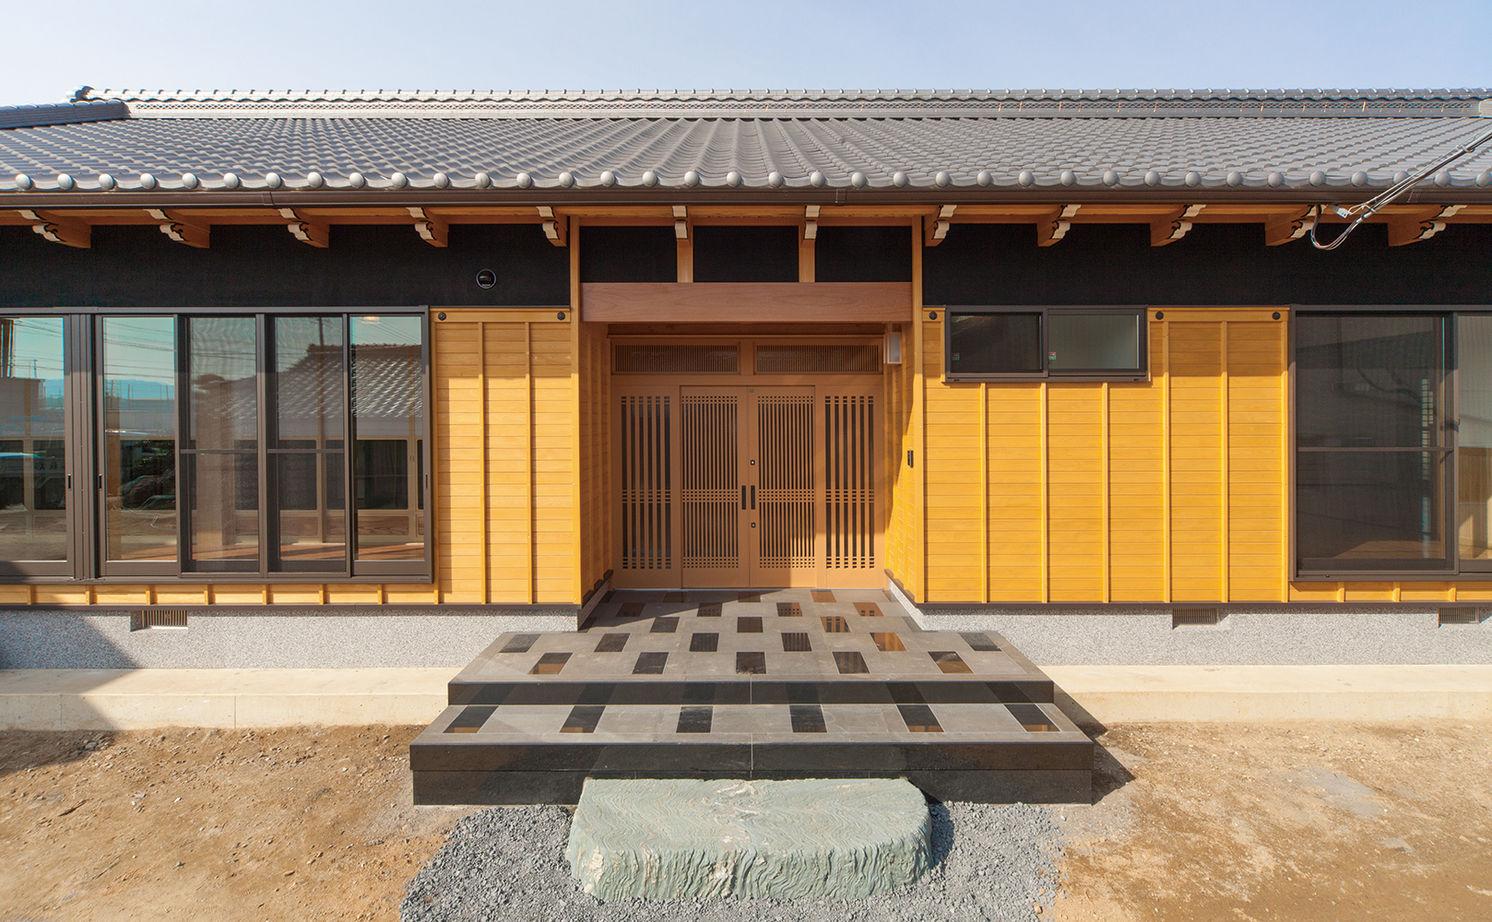 日本建築の文化と伝統を継承し、末永く住むほど味わいが出る、頑丈な無垢木材で建てた平屋の家画像1